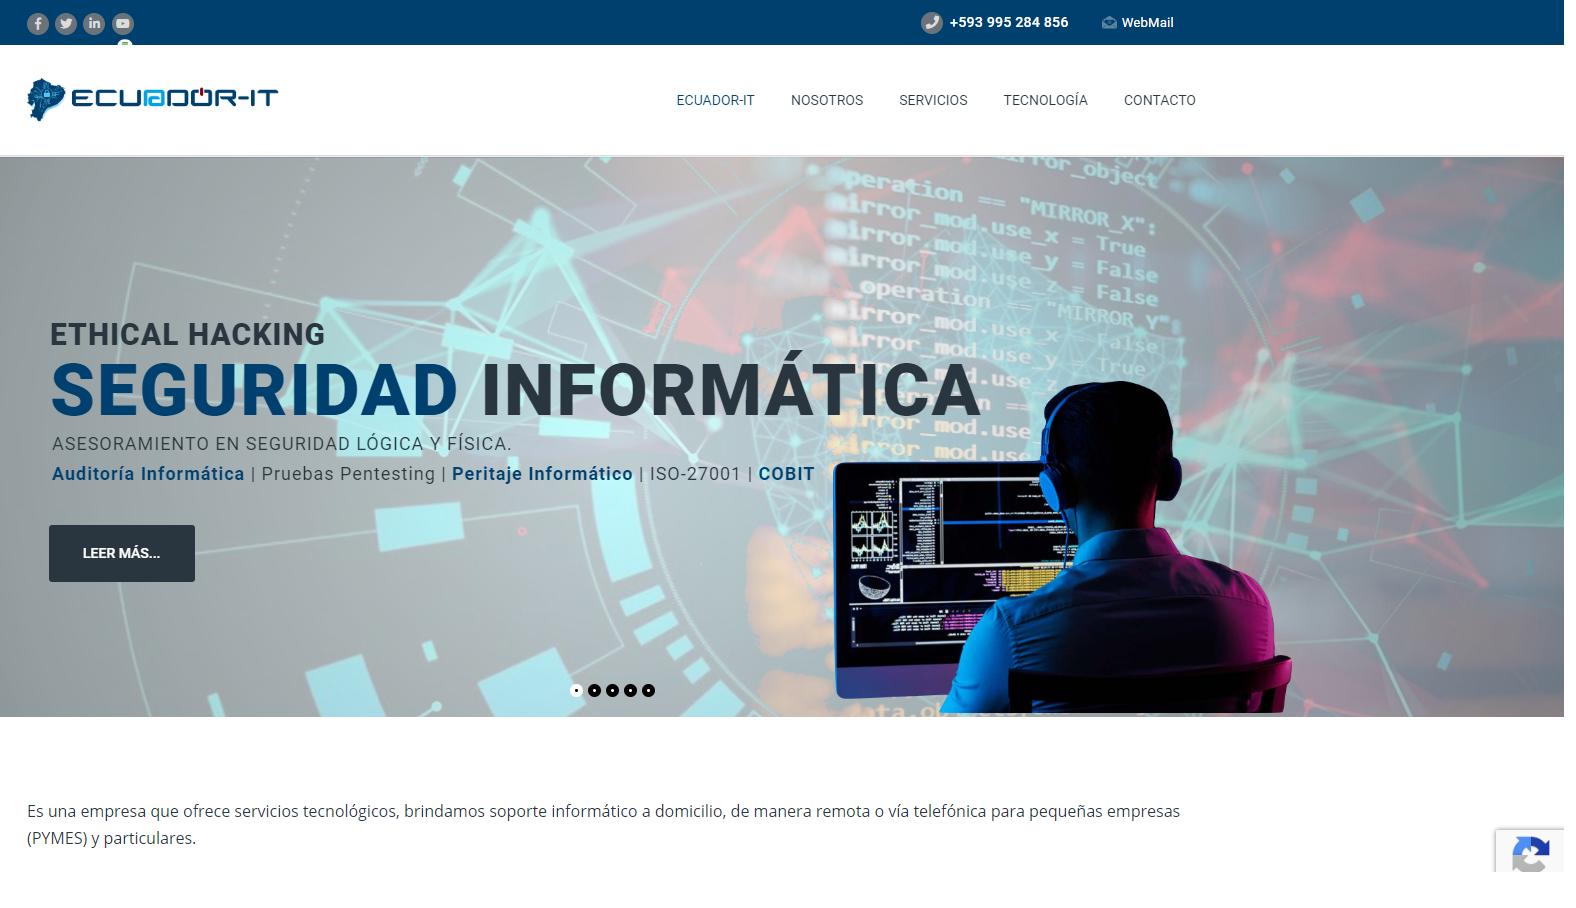 Ecuador-IT.com actualizada